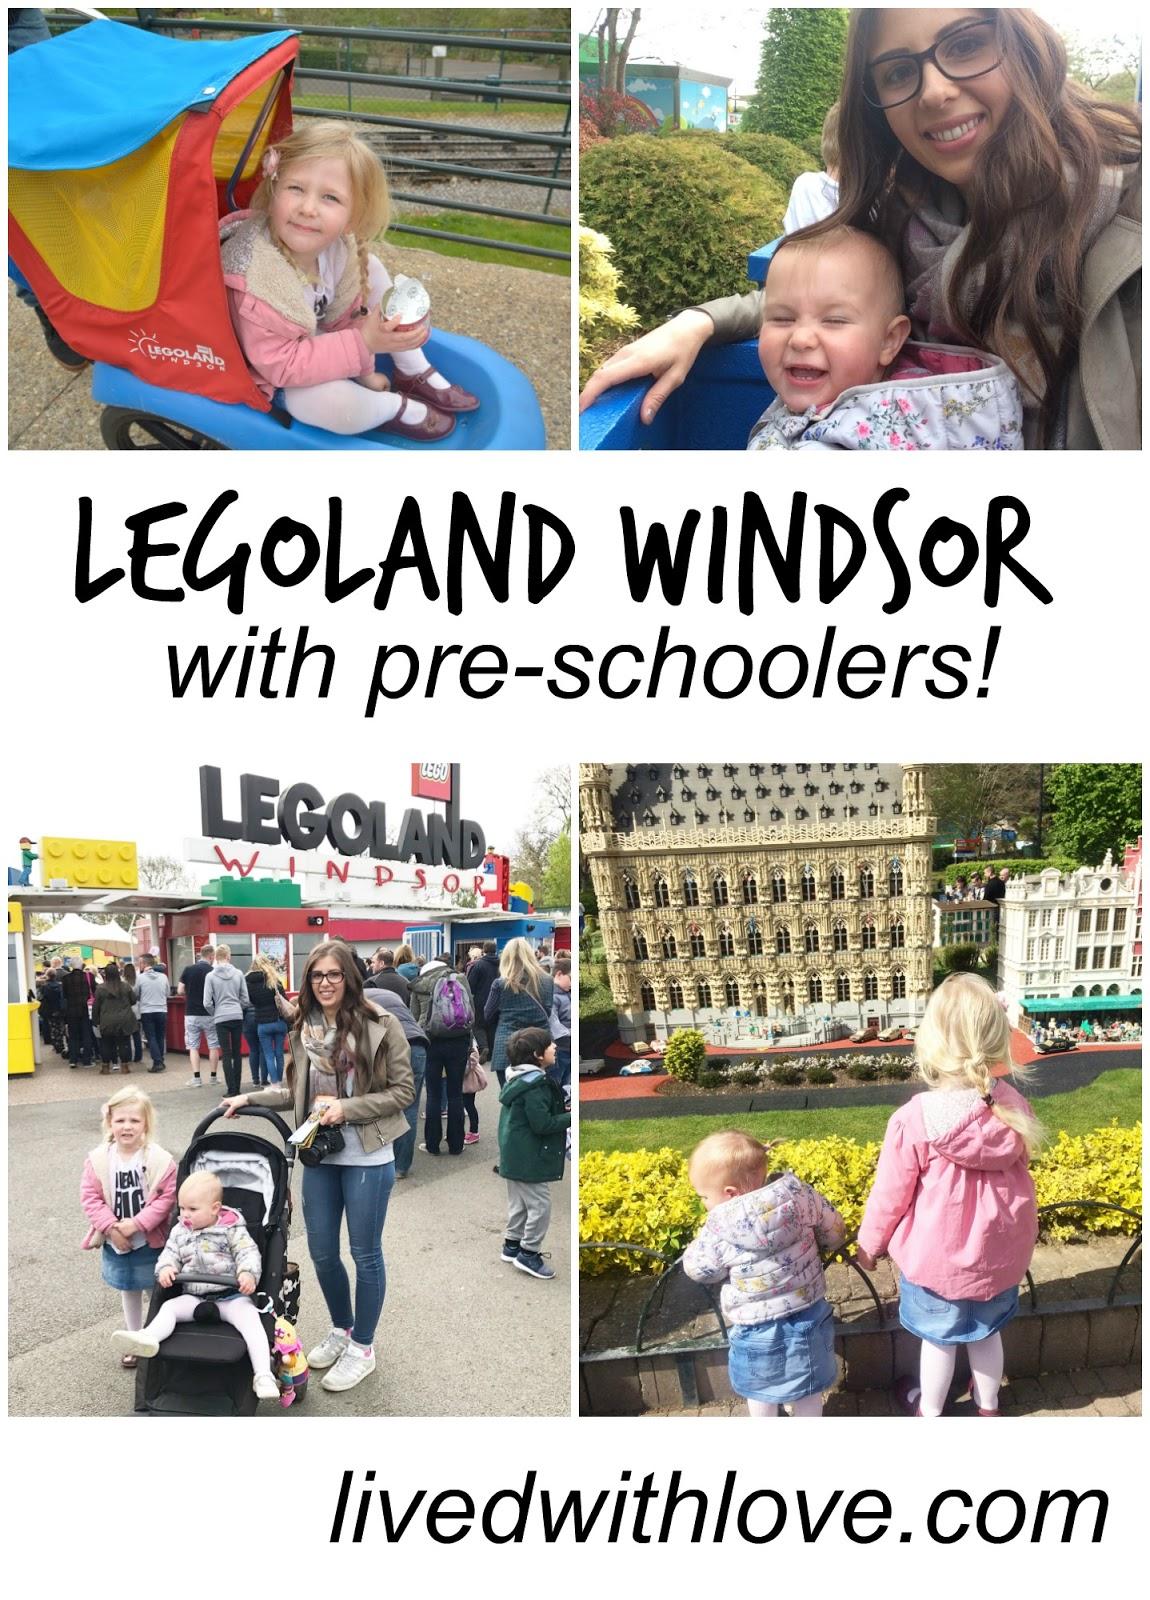 Legoland Windsor with pre-schoolers - top tips!